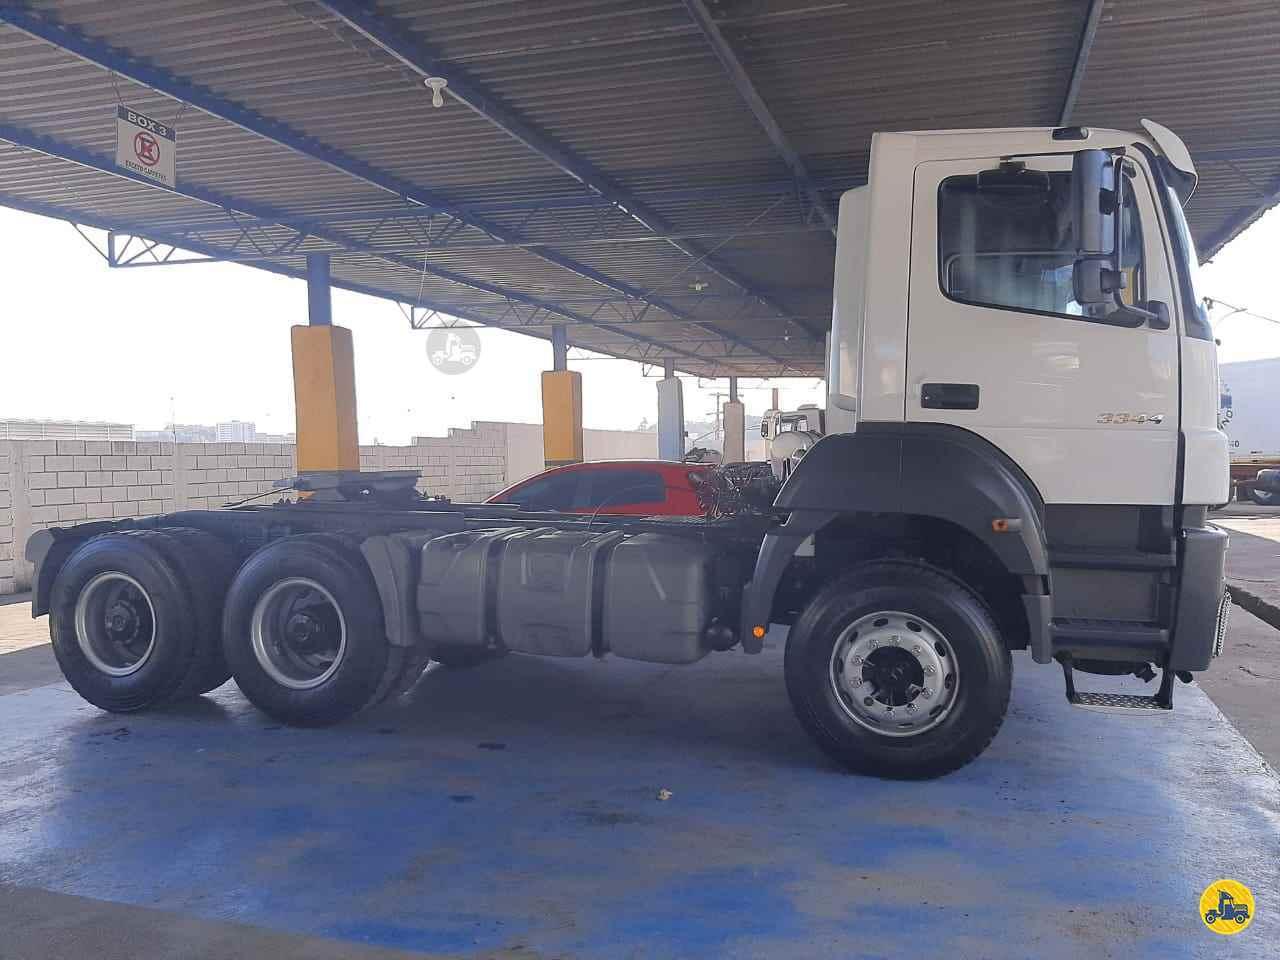 MERCEDES-BENZ MB 3344 123km 2013/2013 Caminhões Certos